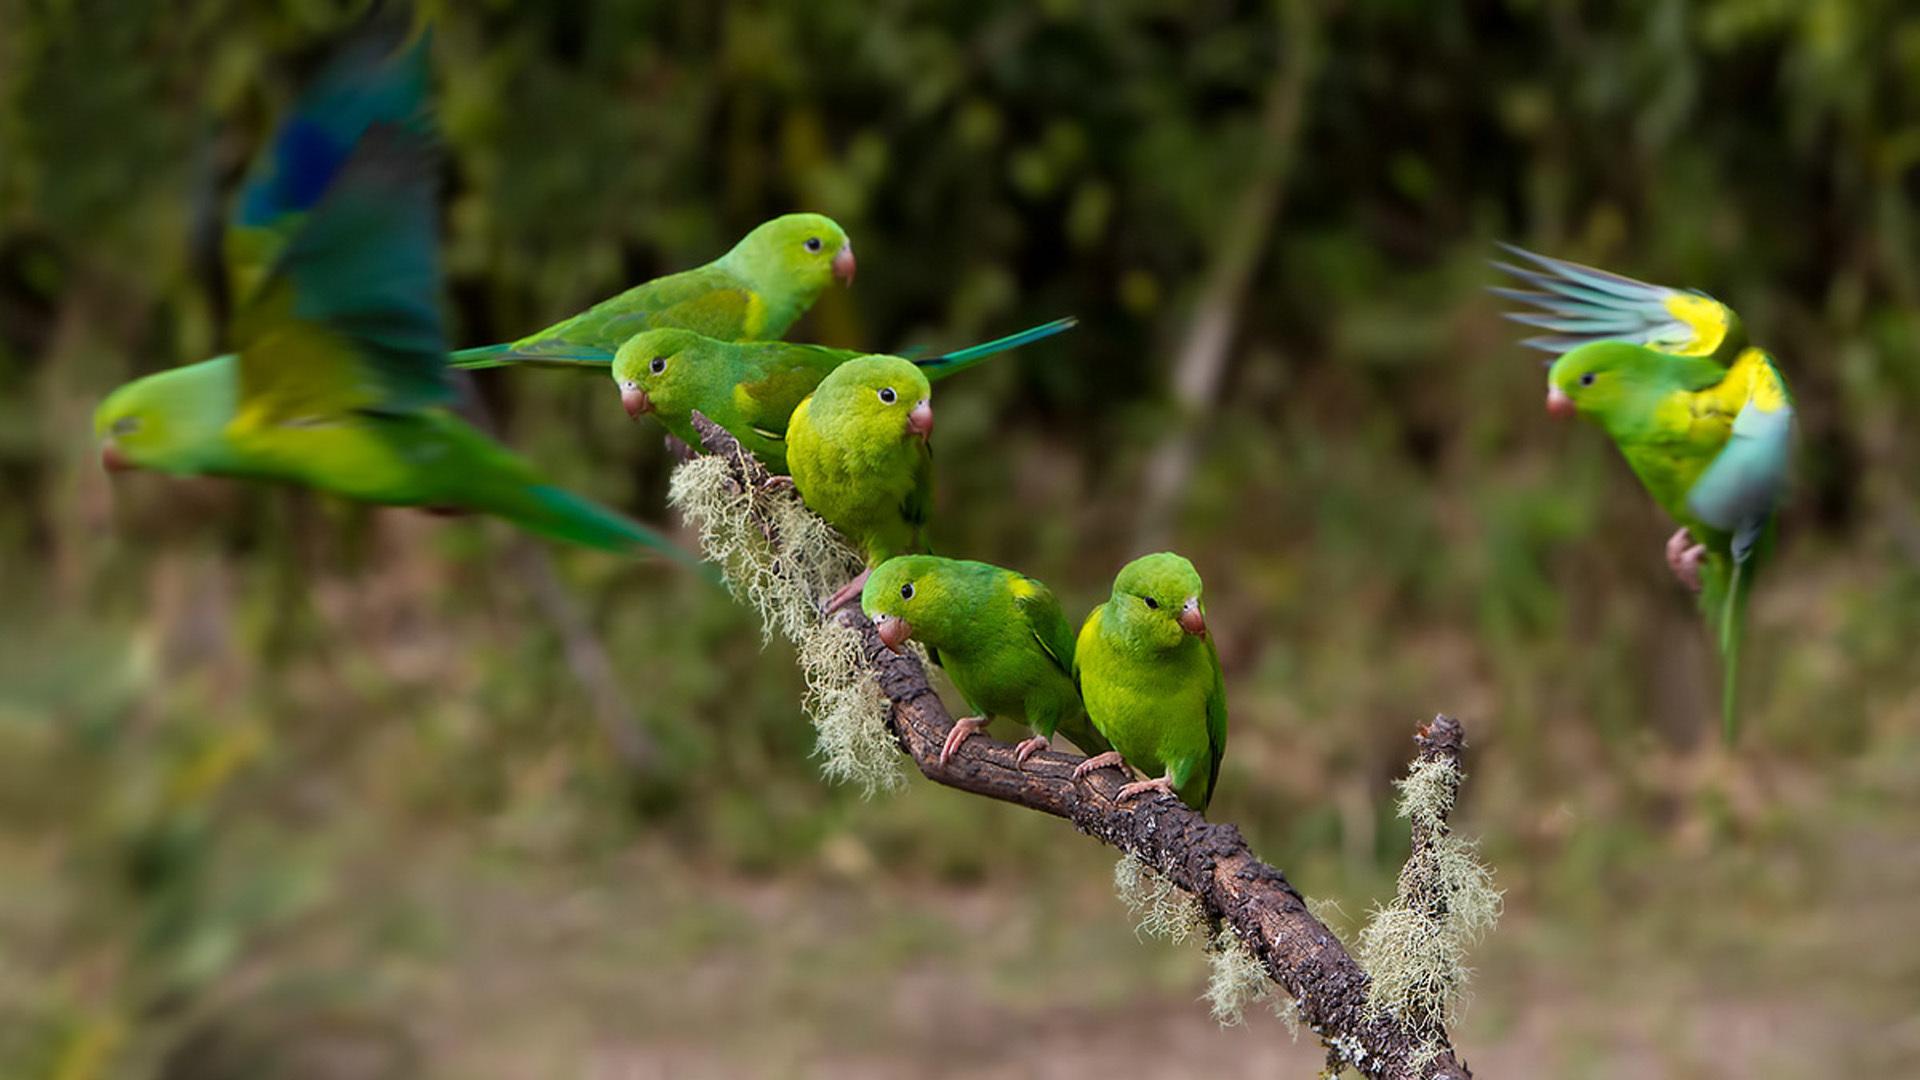 Cute Parakeet Wallpaper 135 Parrot Hd Wallpapers Backgrounds Wallpaper Abyss